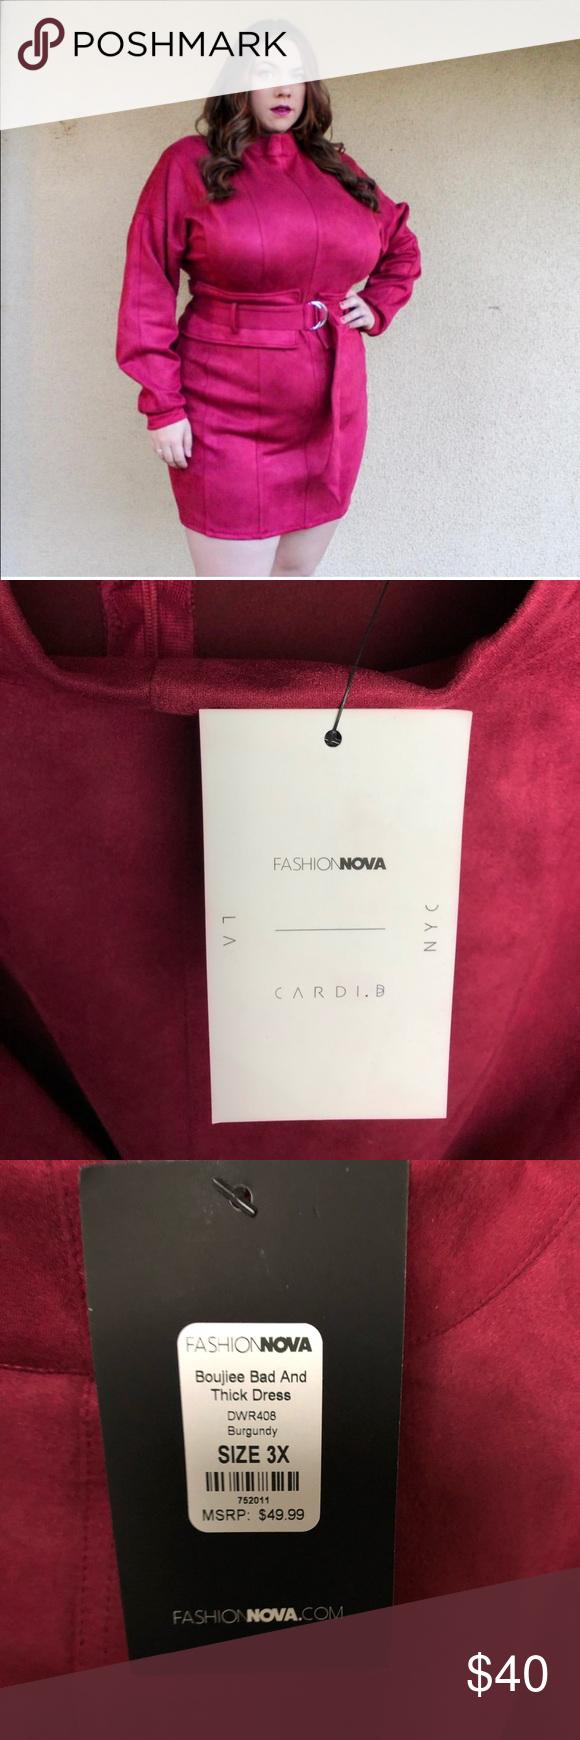 Bad & Thick Cardi B Dress NWT Cardi b, Fashion nova